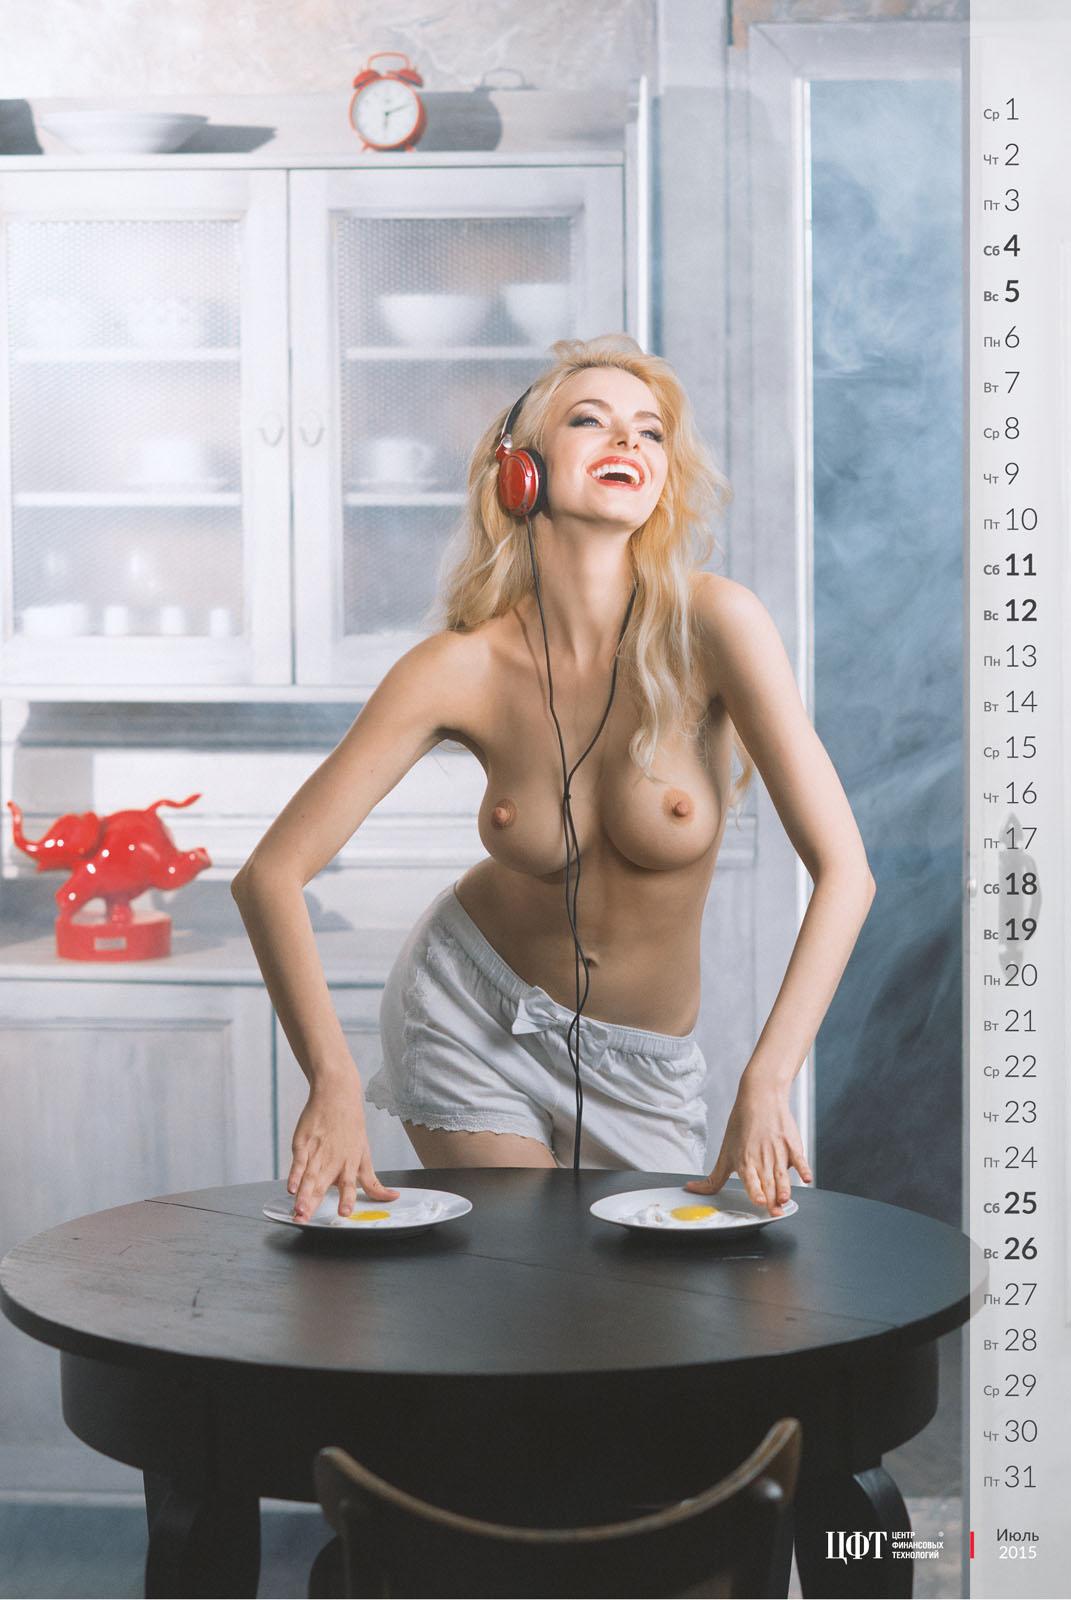 Центр Финансовых Технологий - эротический календарь на 2015 год / фотограф Андрей Разумовский